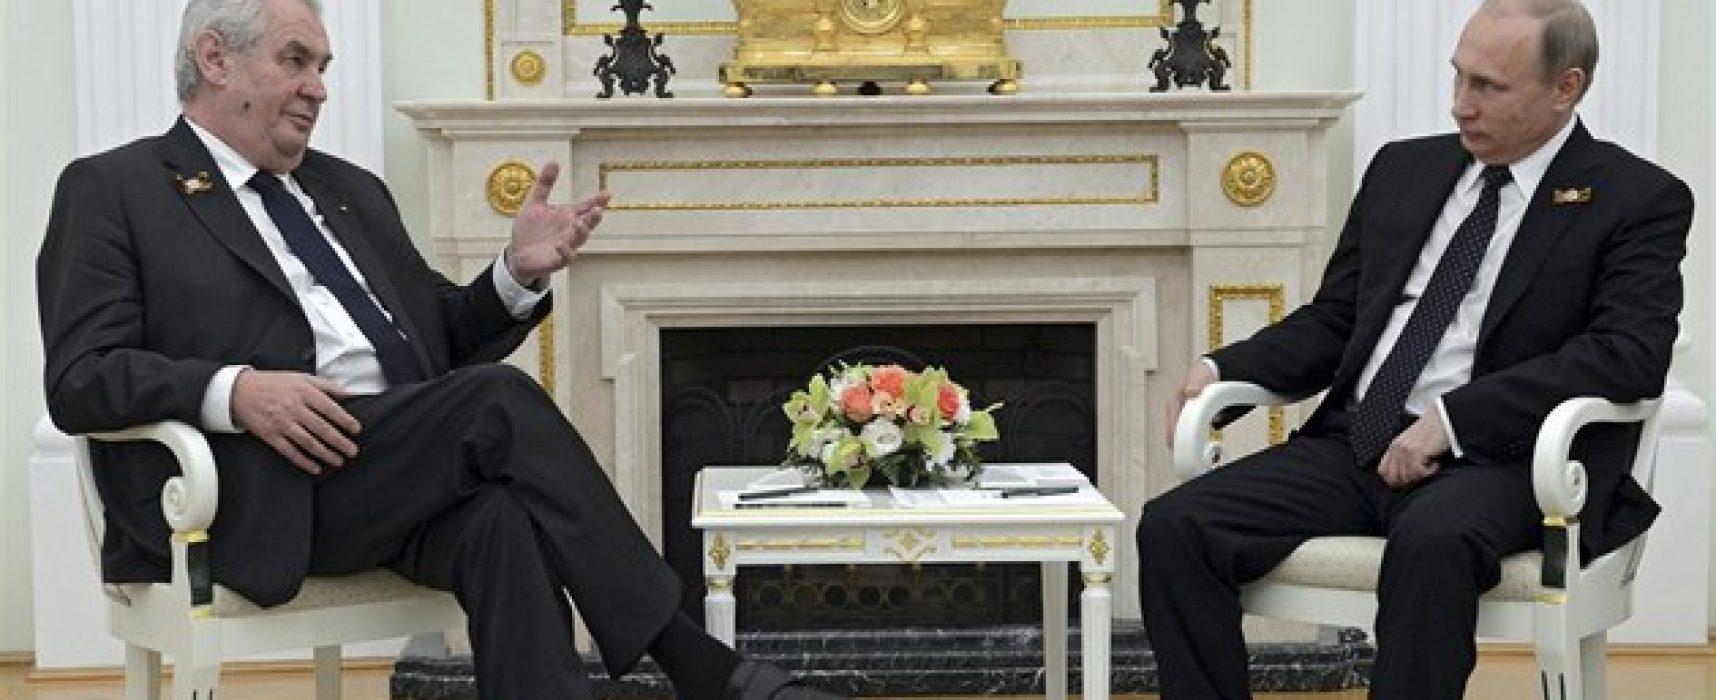 USA prý vedou mediální válku proti Putinovi, Česko je hlavní loutkou a bojištěm